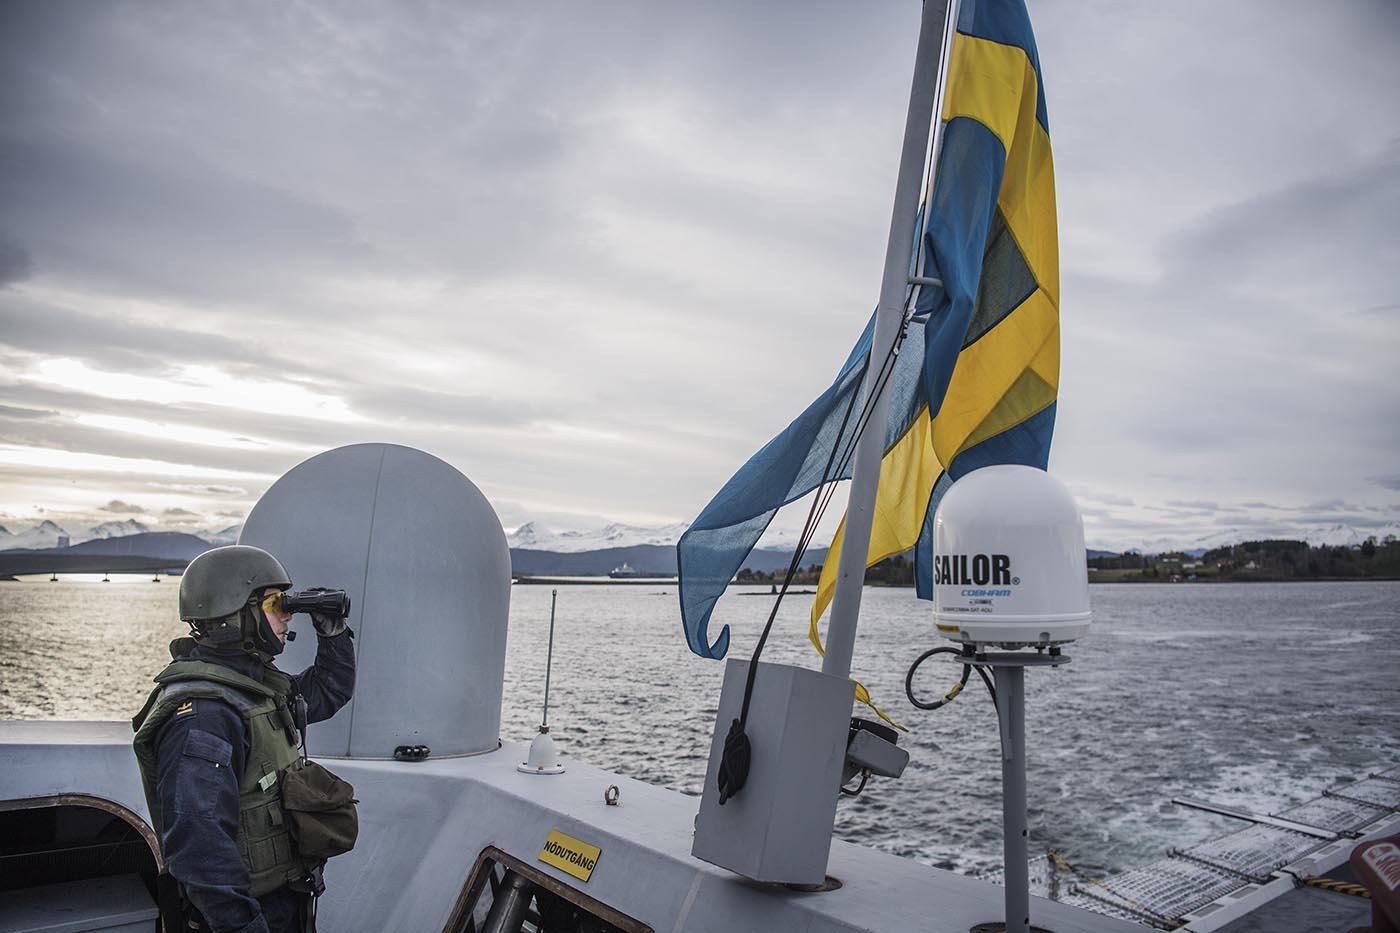 En del av folkförankringen innefattar att våra soldater och sjömän har den materiel som medger framgångsrik strid. Foto: Alexander Gustafsson.